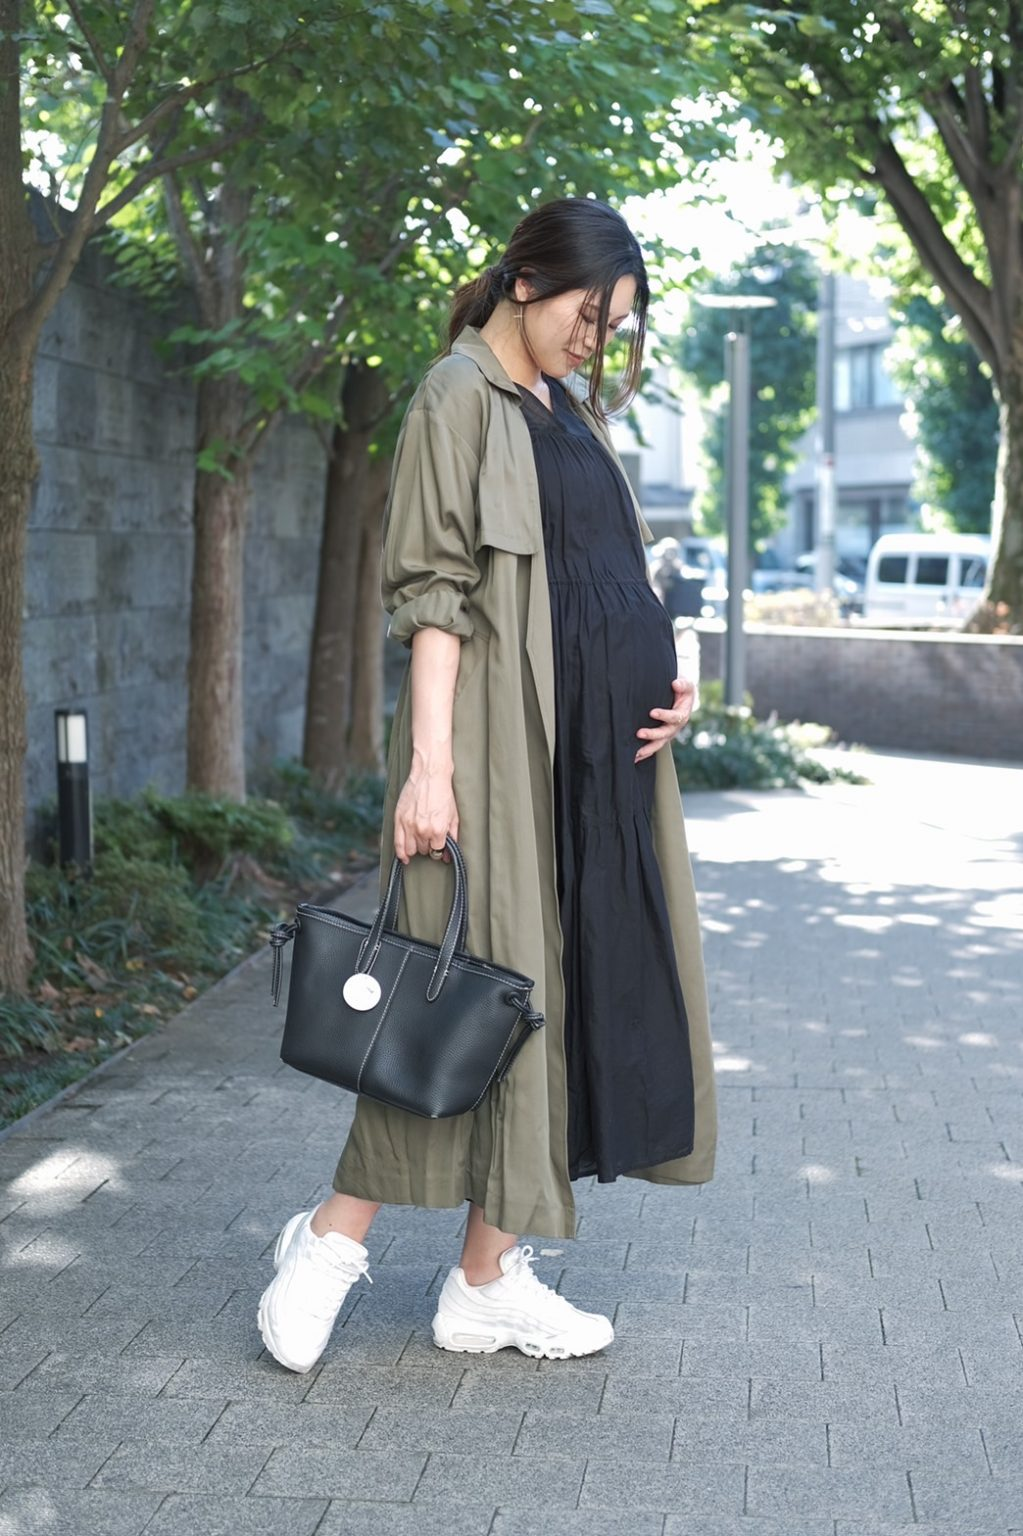 臨月におすすめのワンピース×トレンチコートを使った秋冬のおしゃれな妊婦さんのマタニティコーデ1